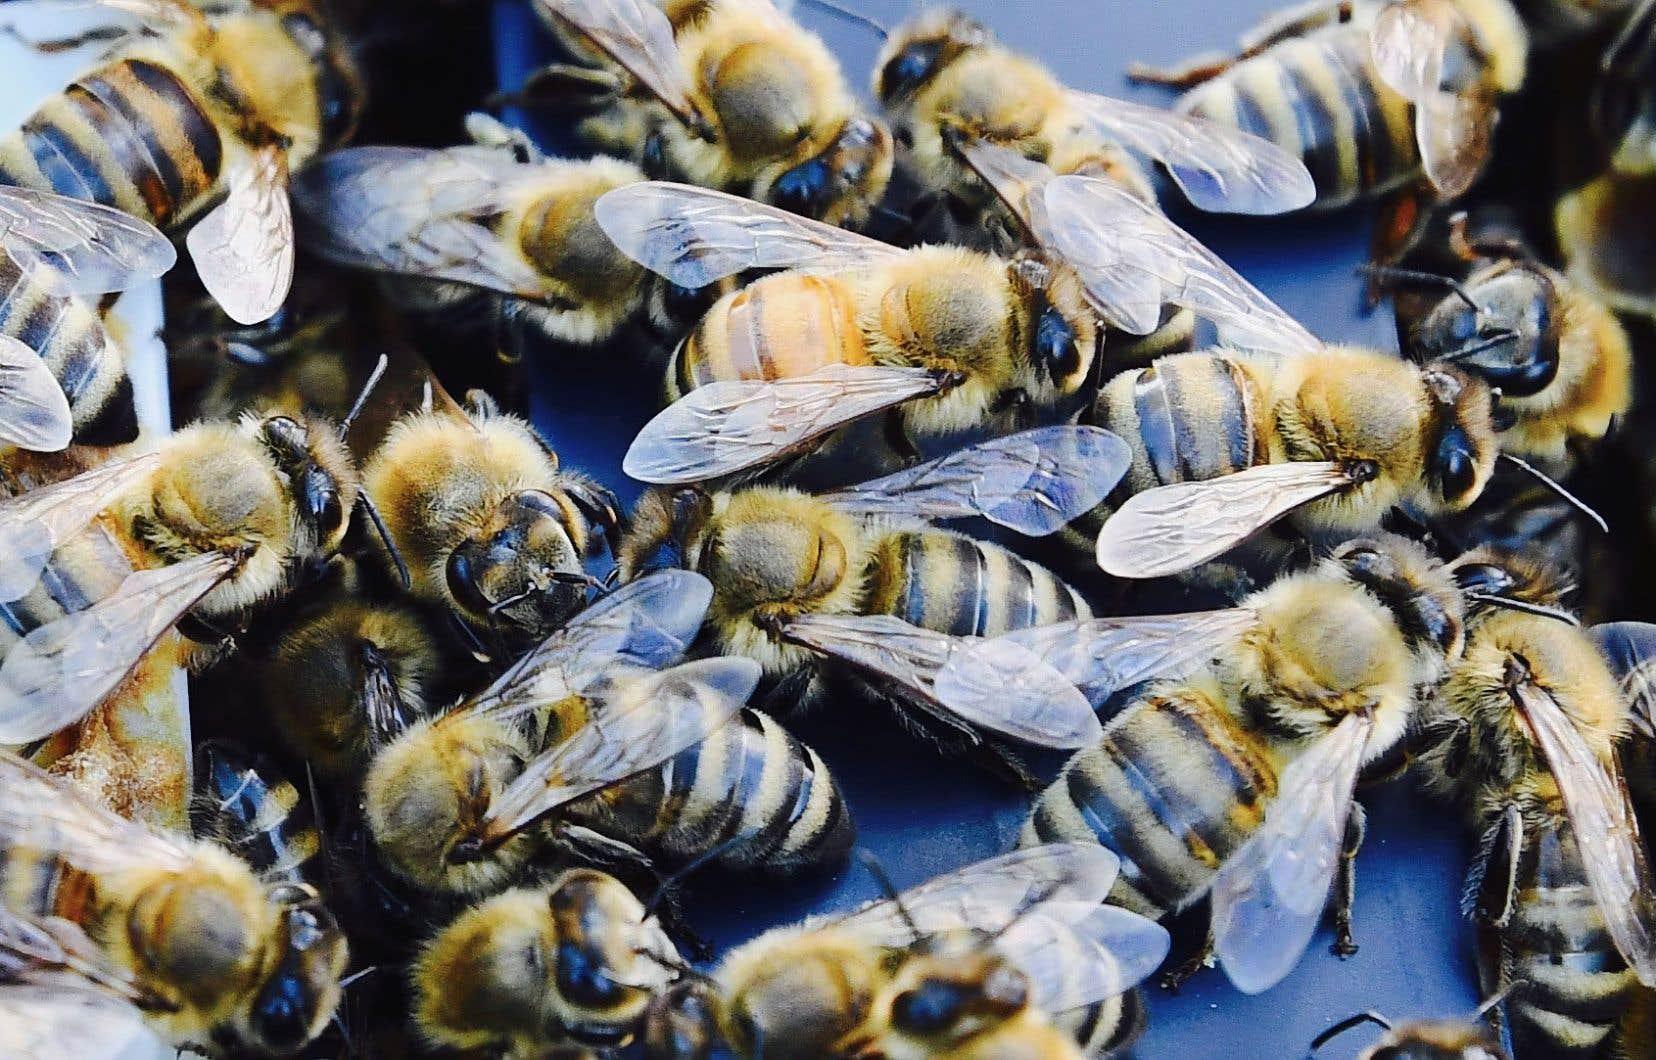 La reine est la seule femelle féconde de la colonie. Au printemps, elle peut pondre jusqu'à 2000 oeufs par jour.